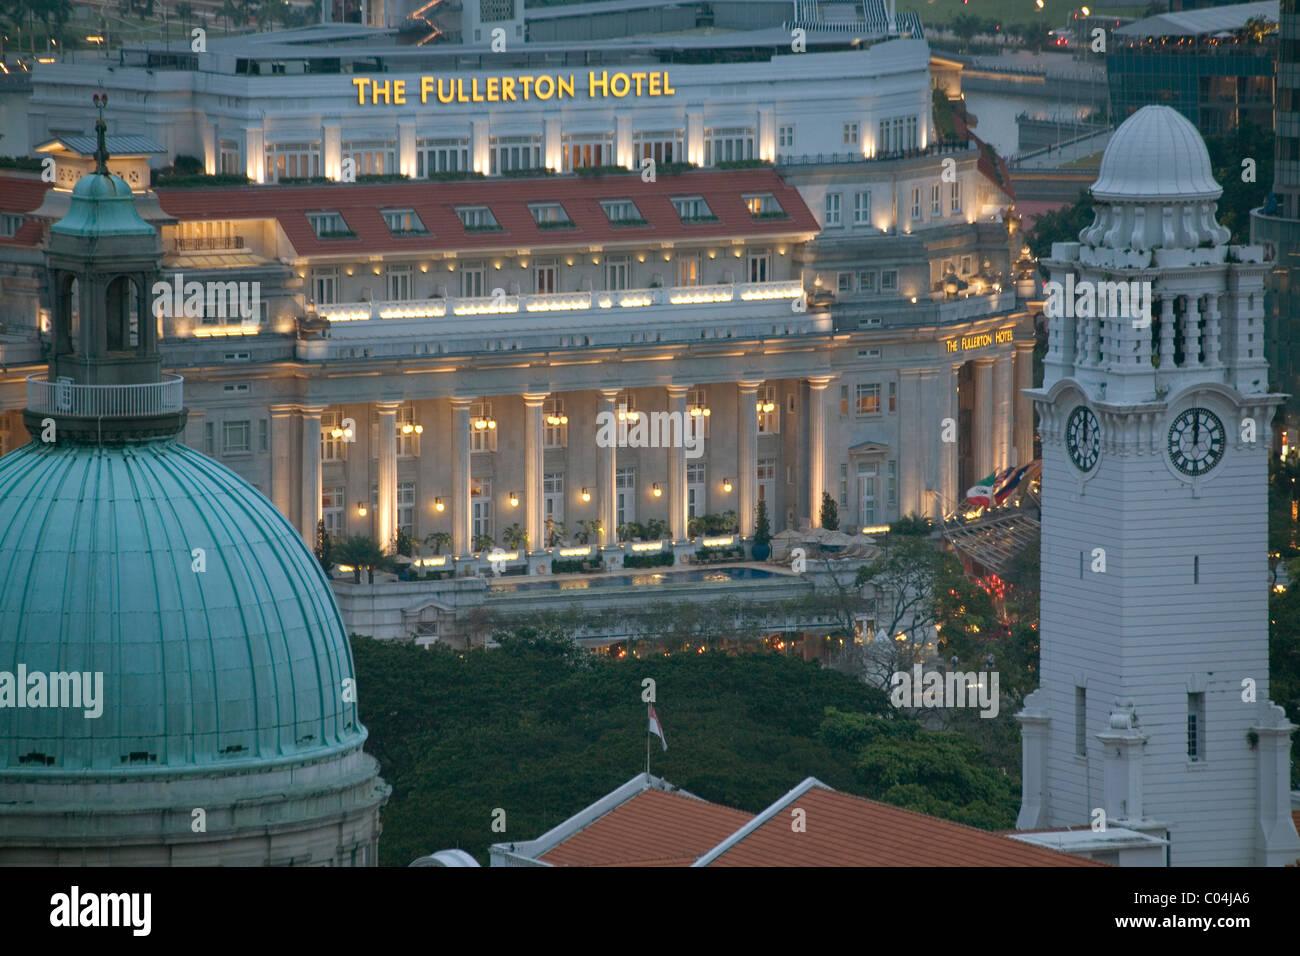 Singapore Fullerton hotel at night - Stock Image